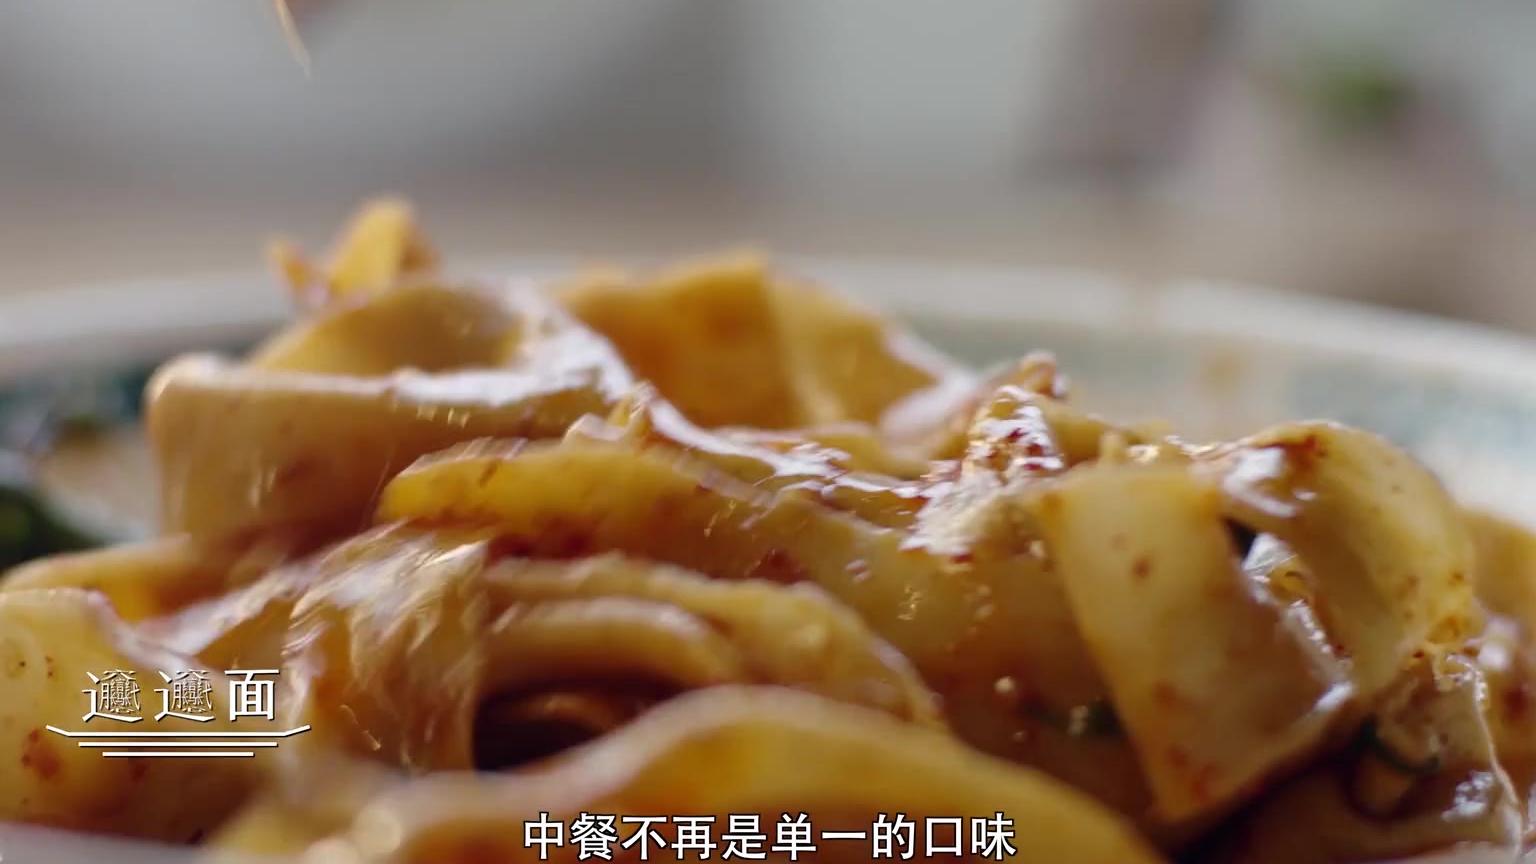 伦敦:各式各样的中国小吃,也被英国人所接受。